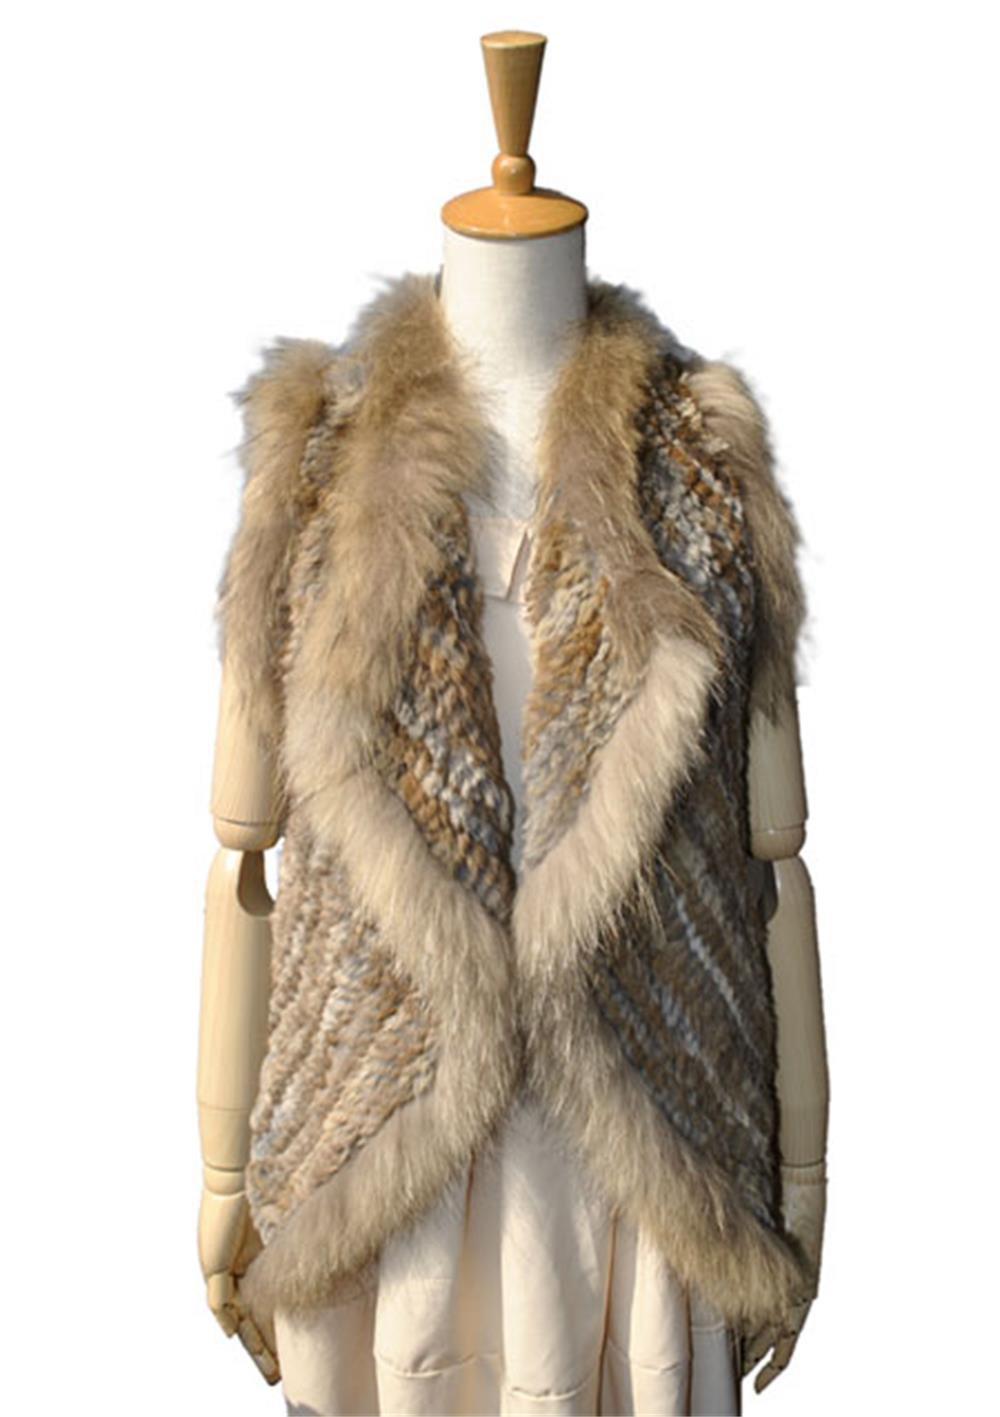 Crochet Real Rabbit Fur Vest With Raccoon Fur Trim